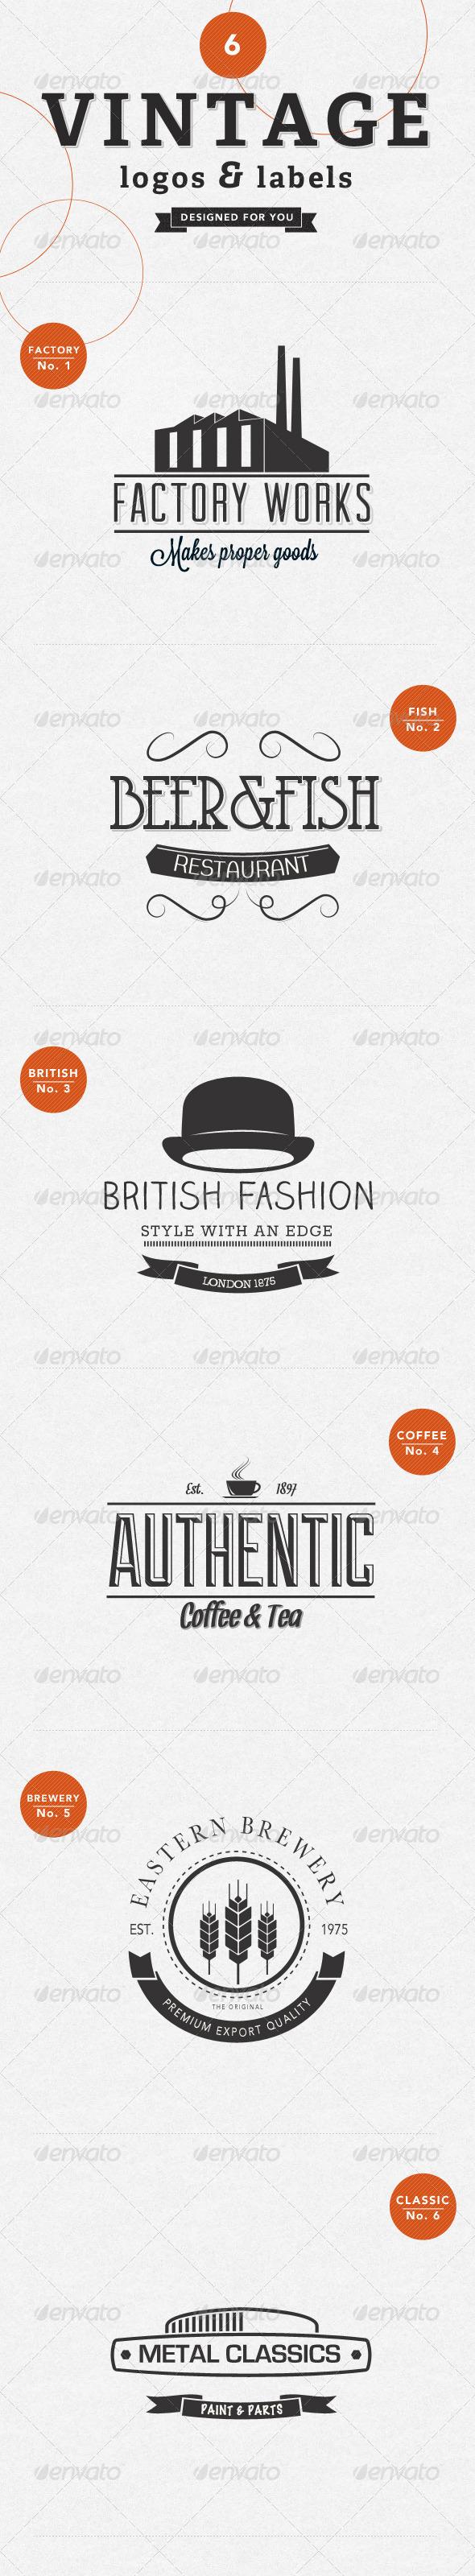 GraphicRiver 6 Vintage Labels Badges & Logos 4054631